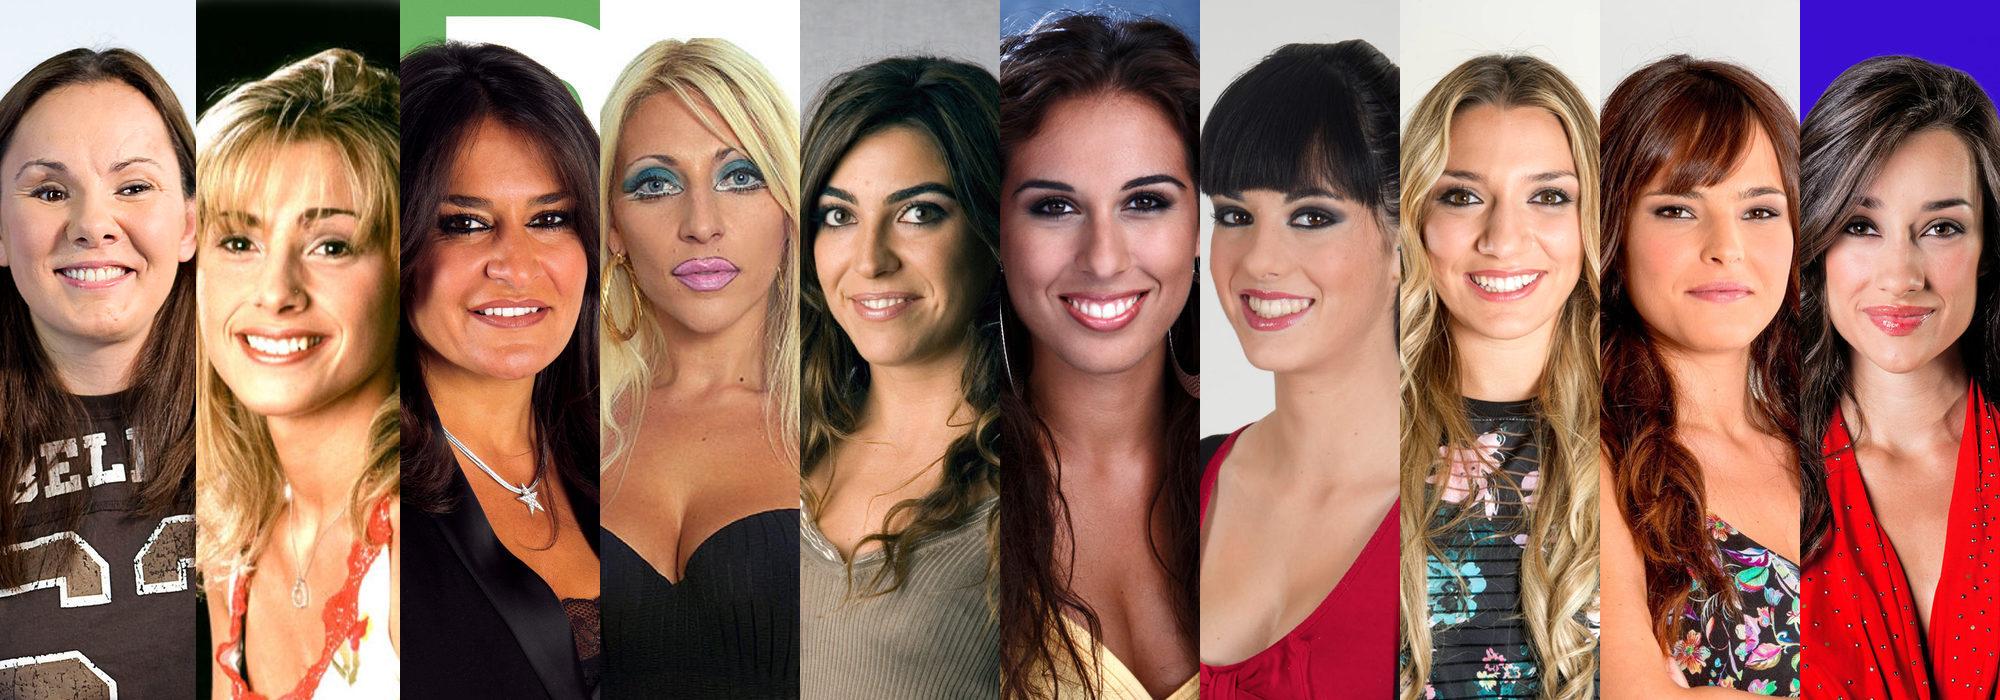 Actriz Porno Expulsada Gran Hermano las mujeres en 'gran hermano': de primeras expulsadas a